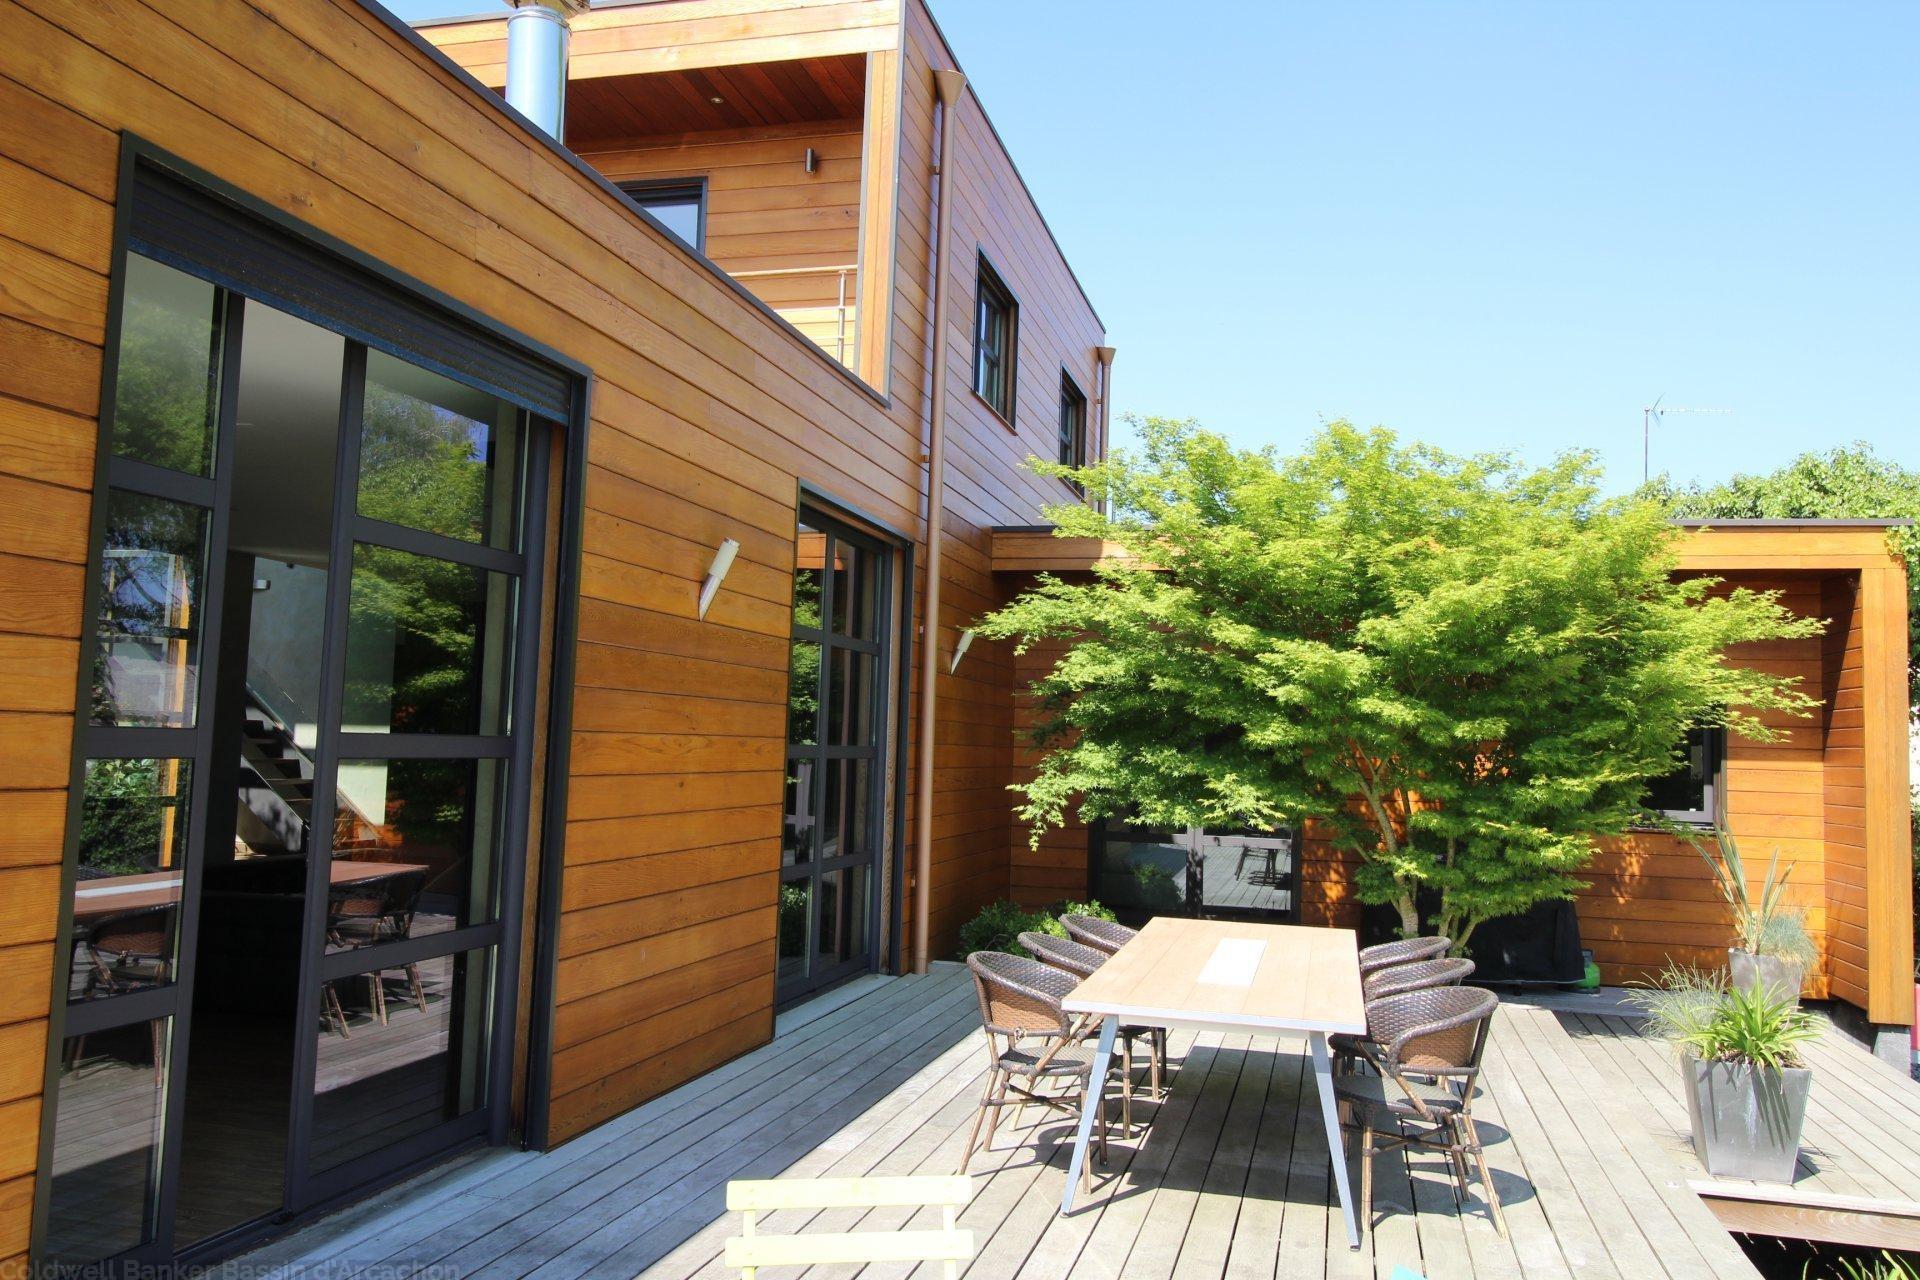 Vente Maison Villa Bordeaux Merignac grande maison en bois avec piscine avec 5 chambres  # Acheter Maison En Bois Avec Terrain